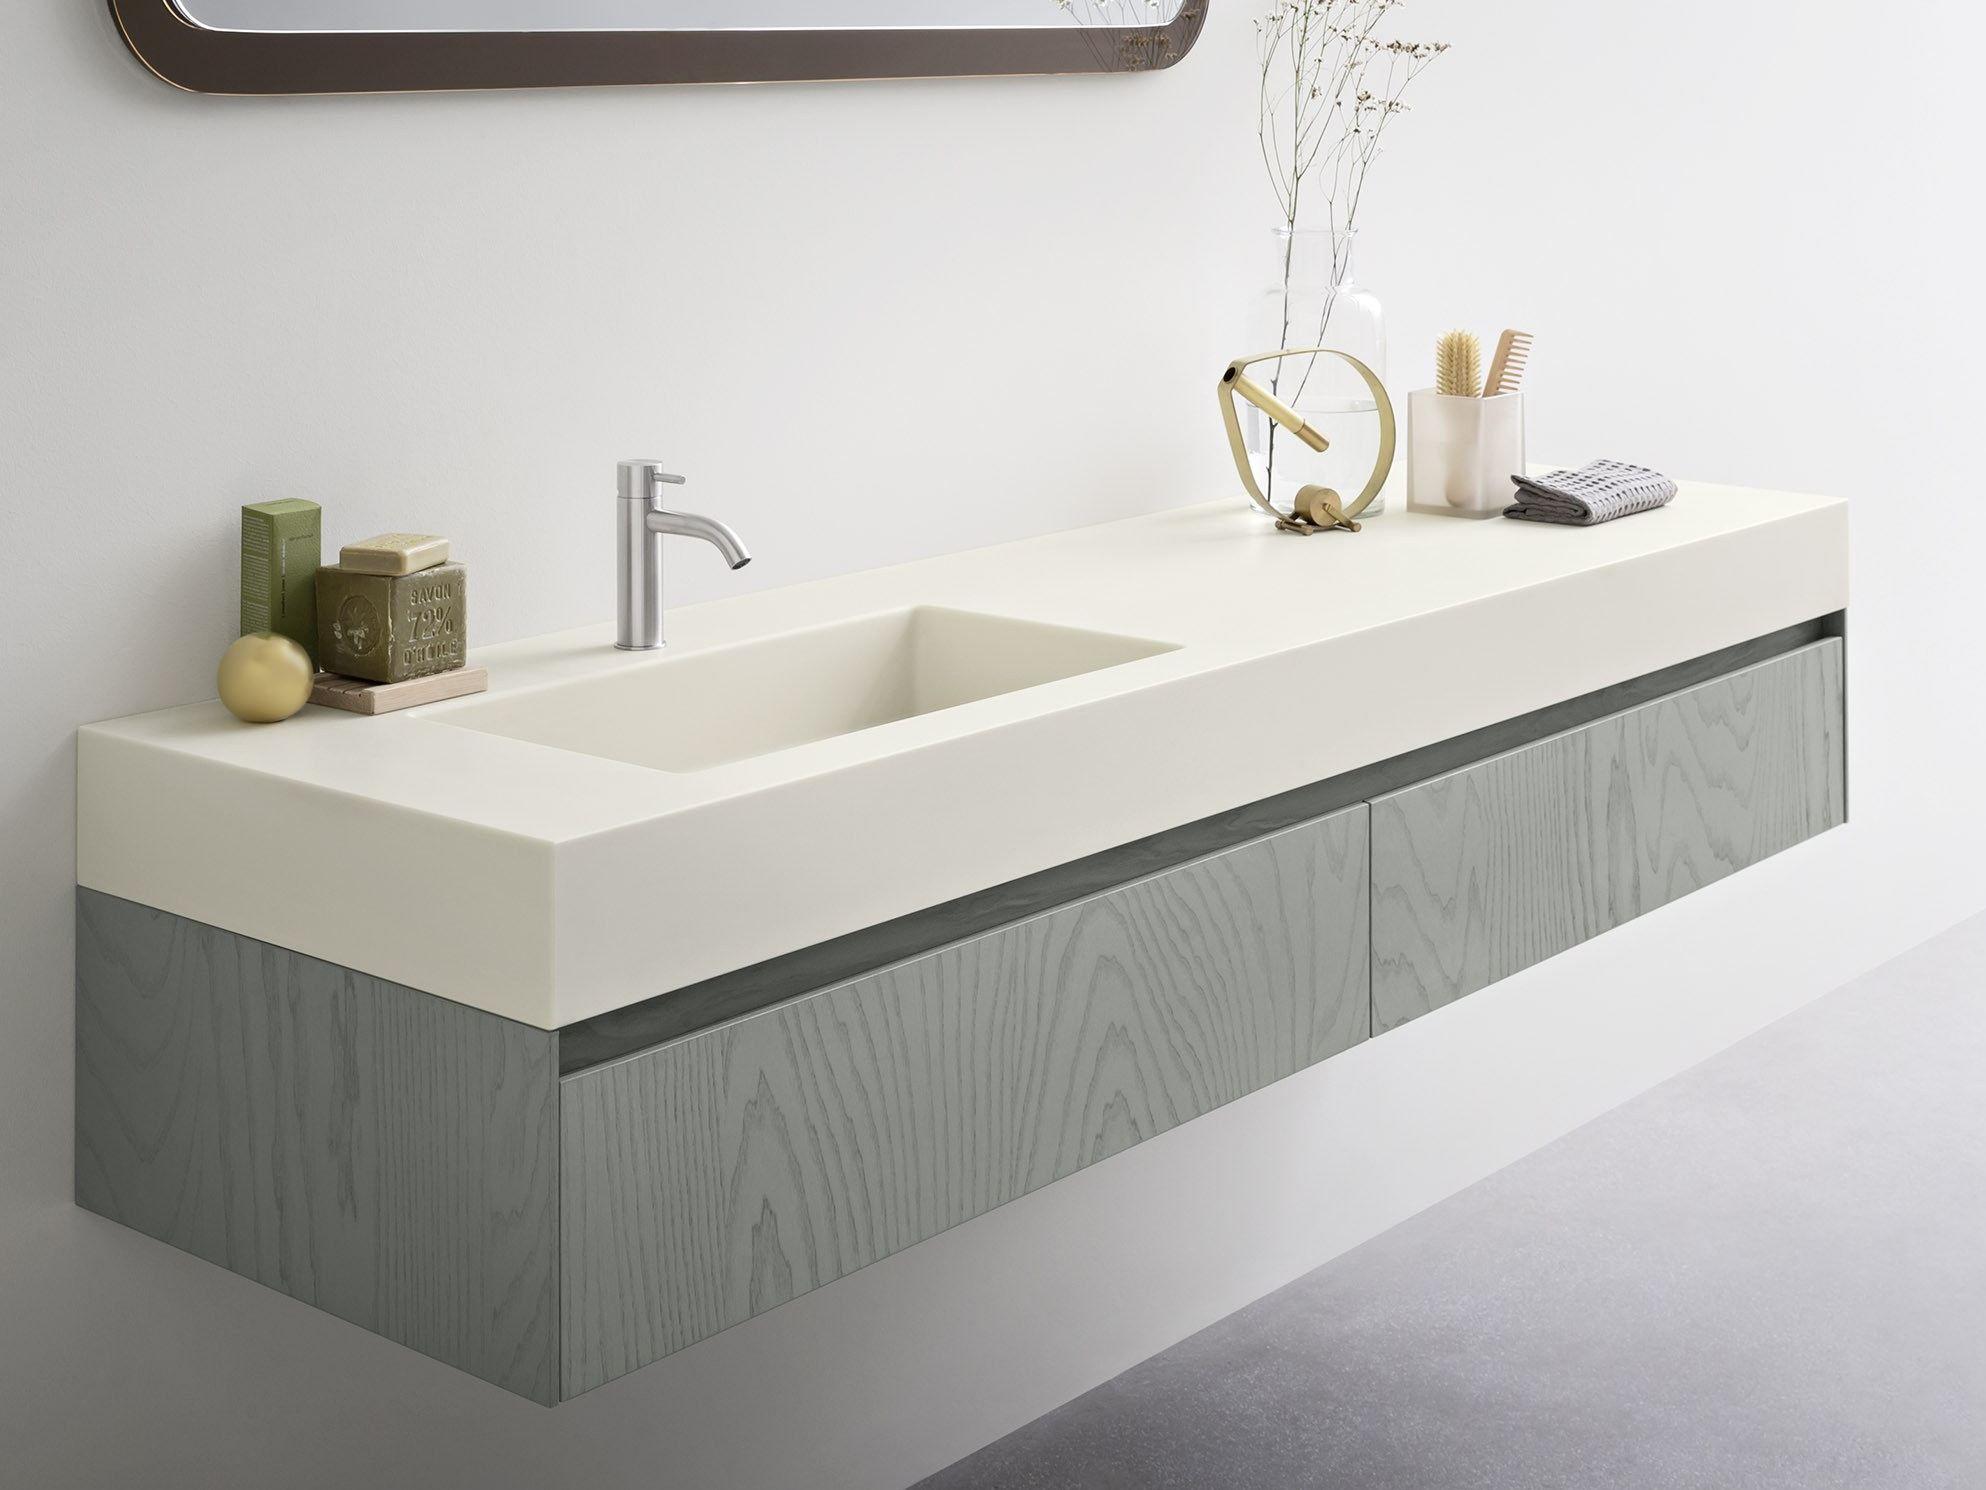 Piano Lavabo In Corian moode | corian® washbasin countertop by rexa design (con